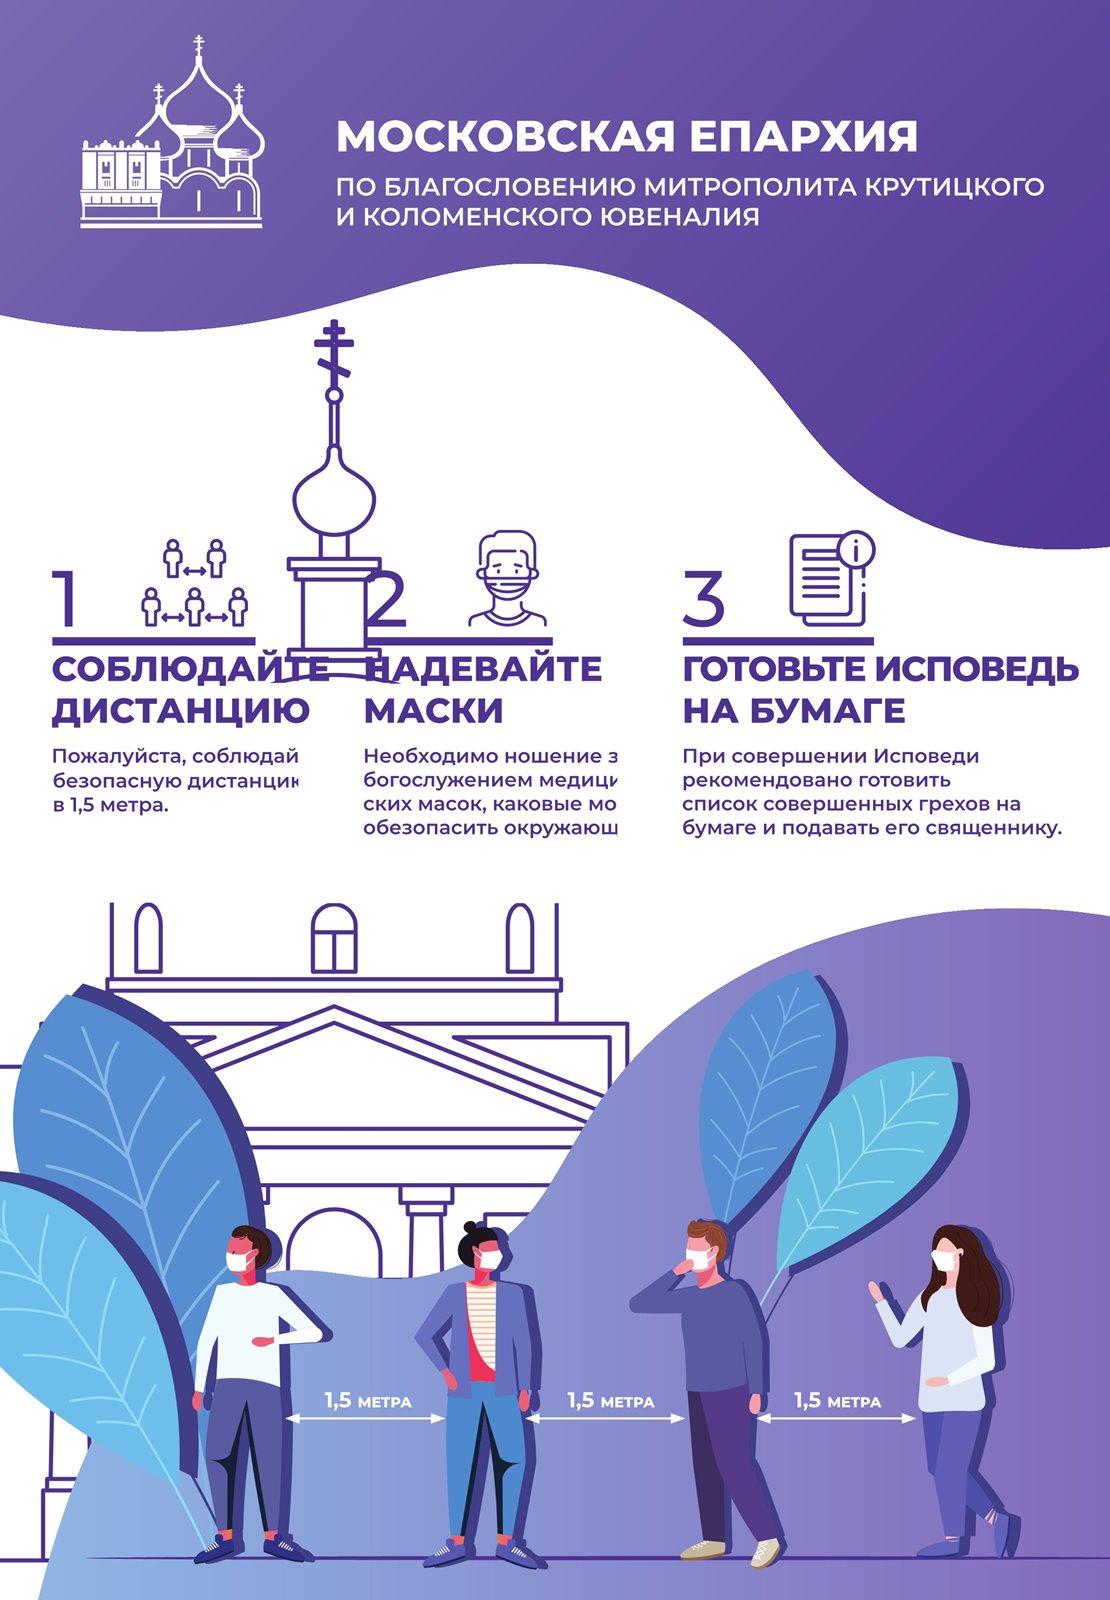 Поведение верующих при коронавирусе